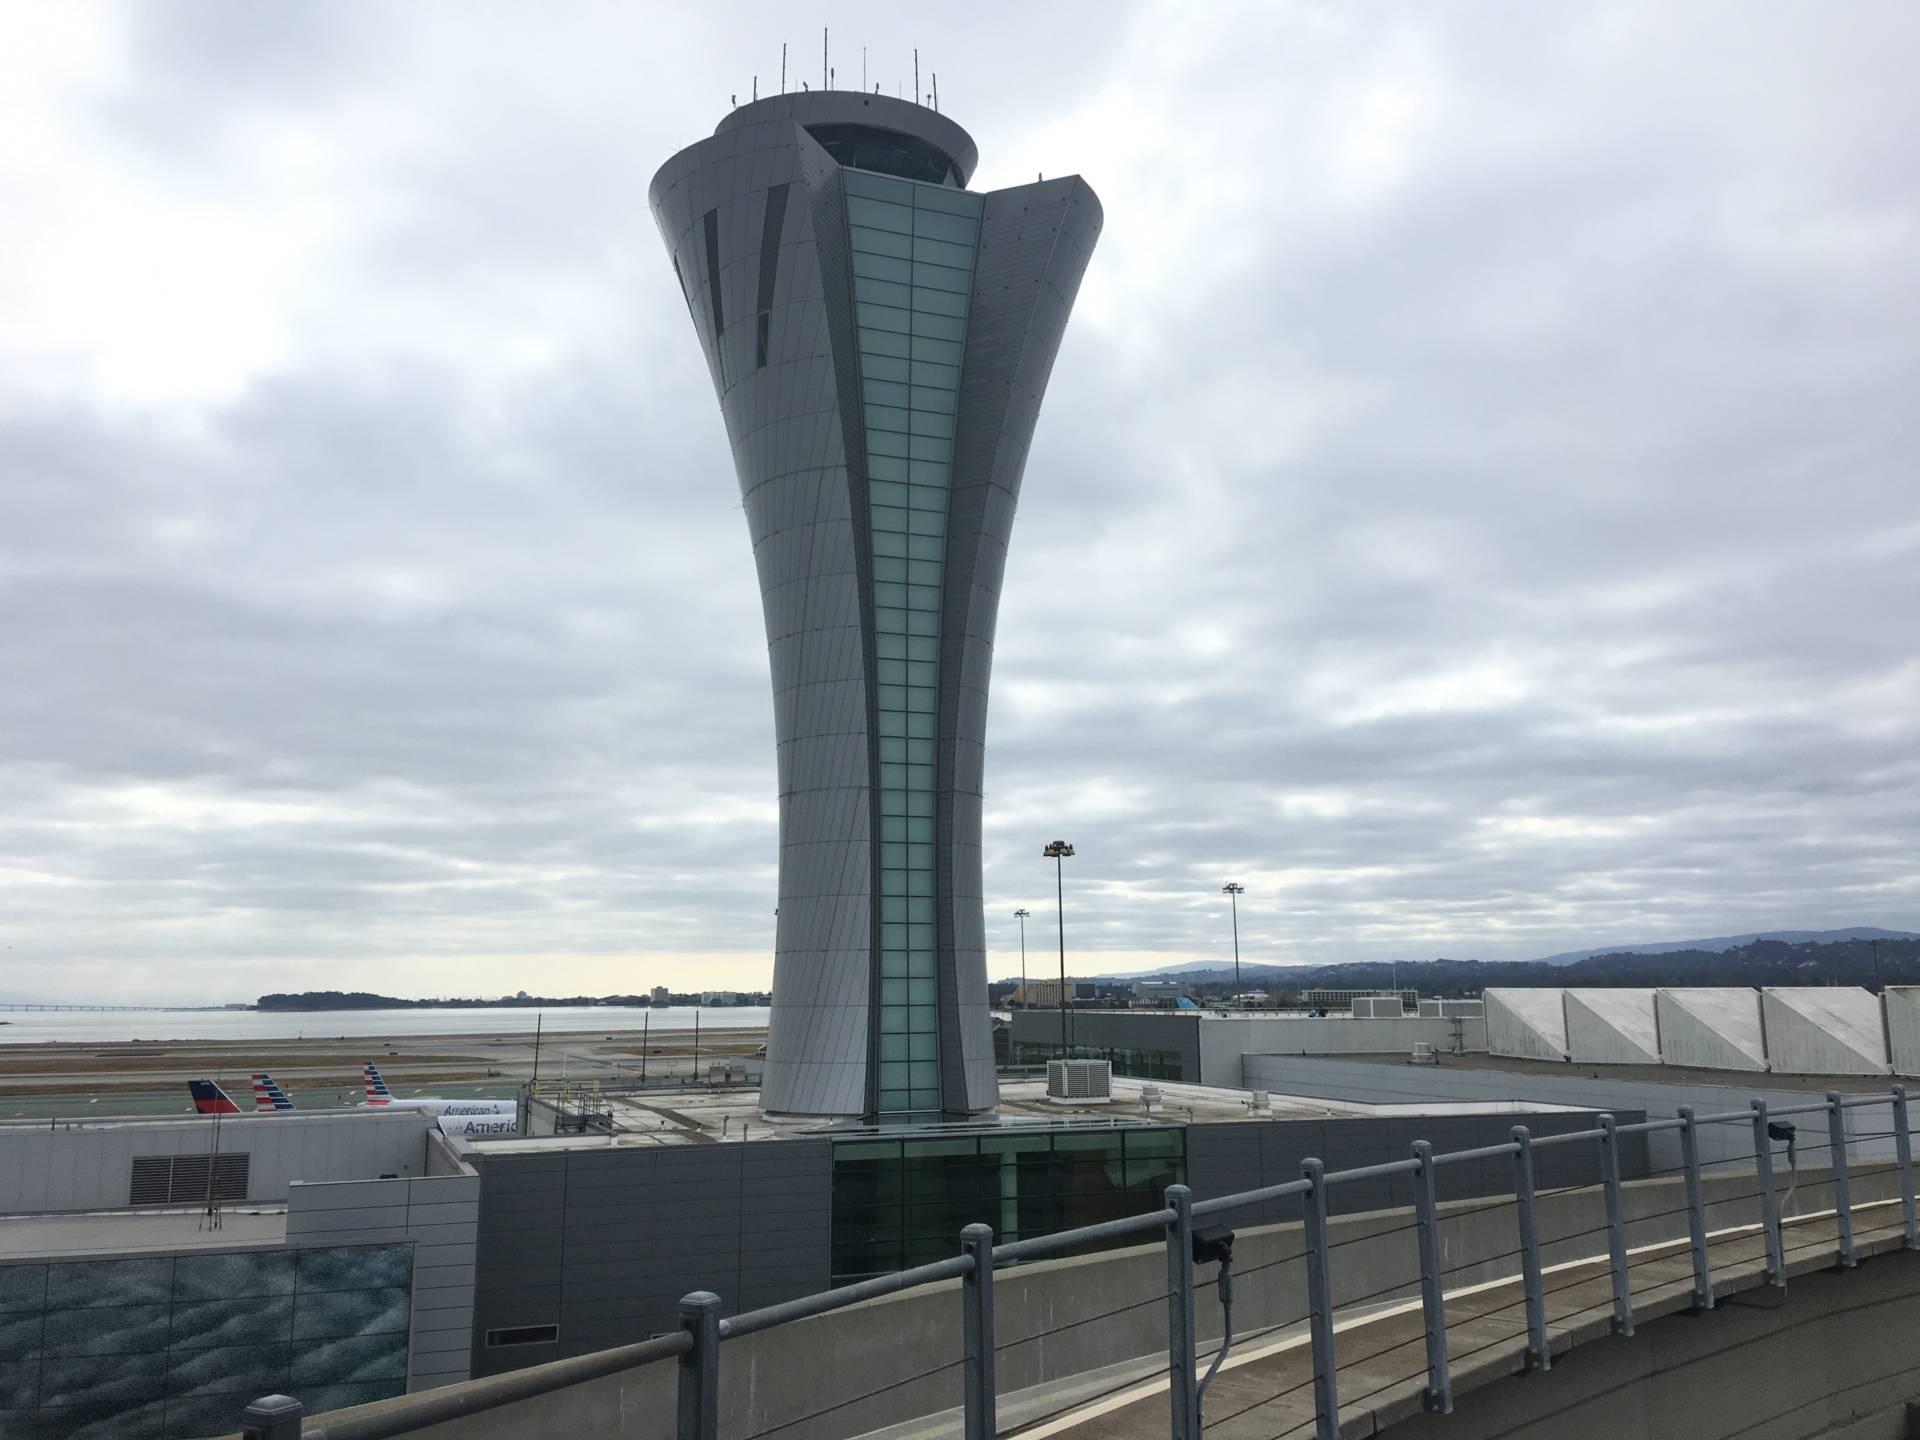 SFO Cuts Ribbon on New Air Traffic Control Tower | News Fix | KQED News